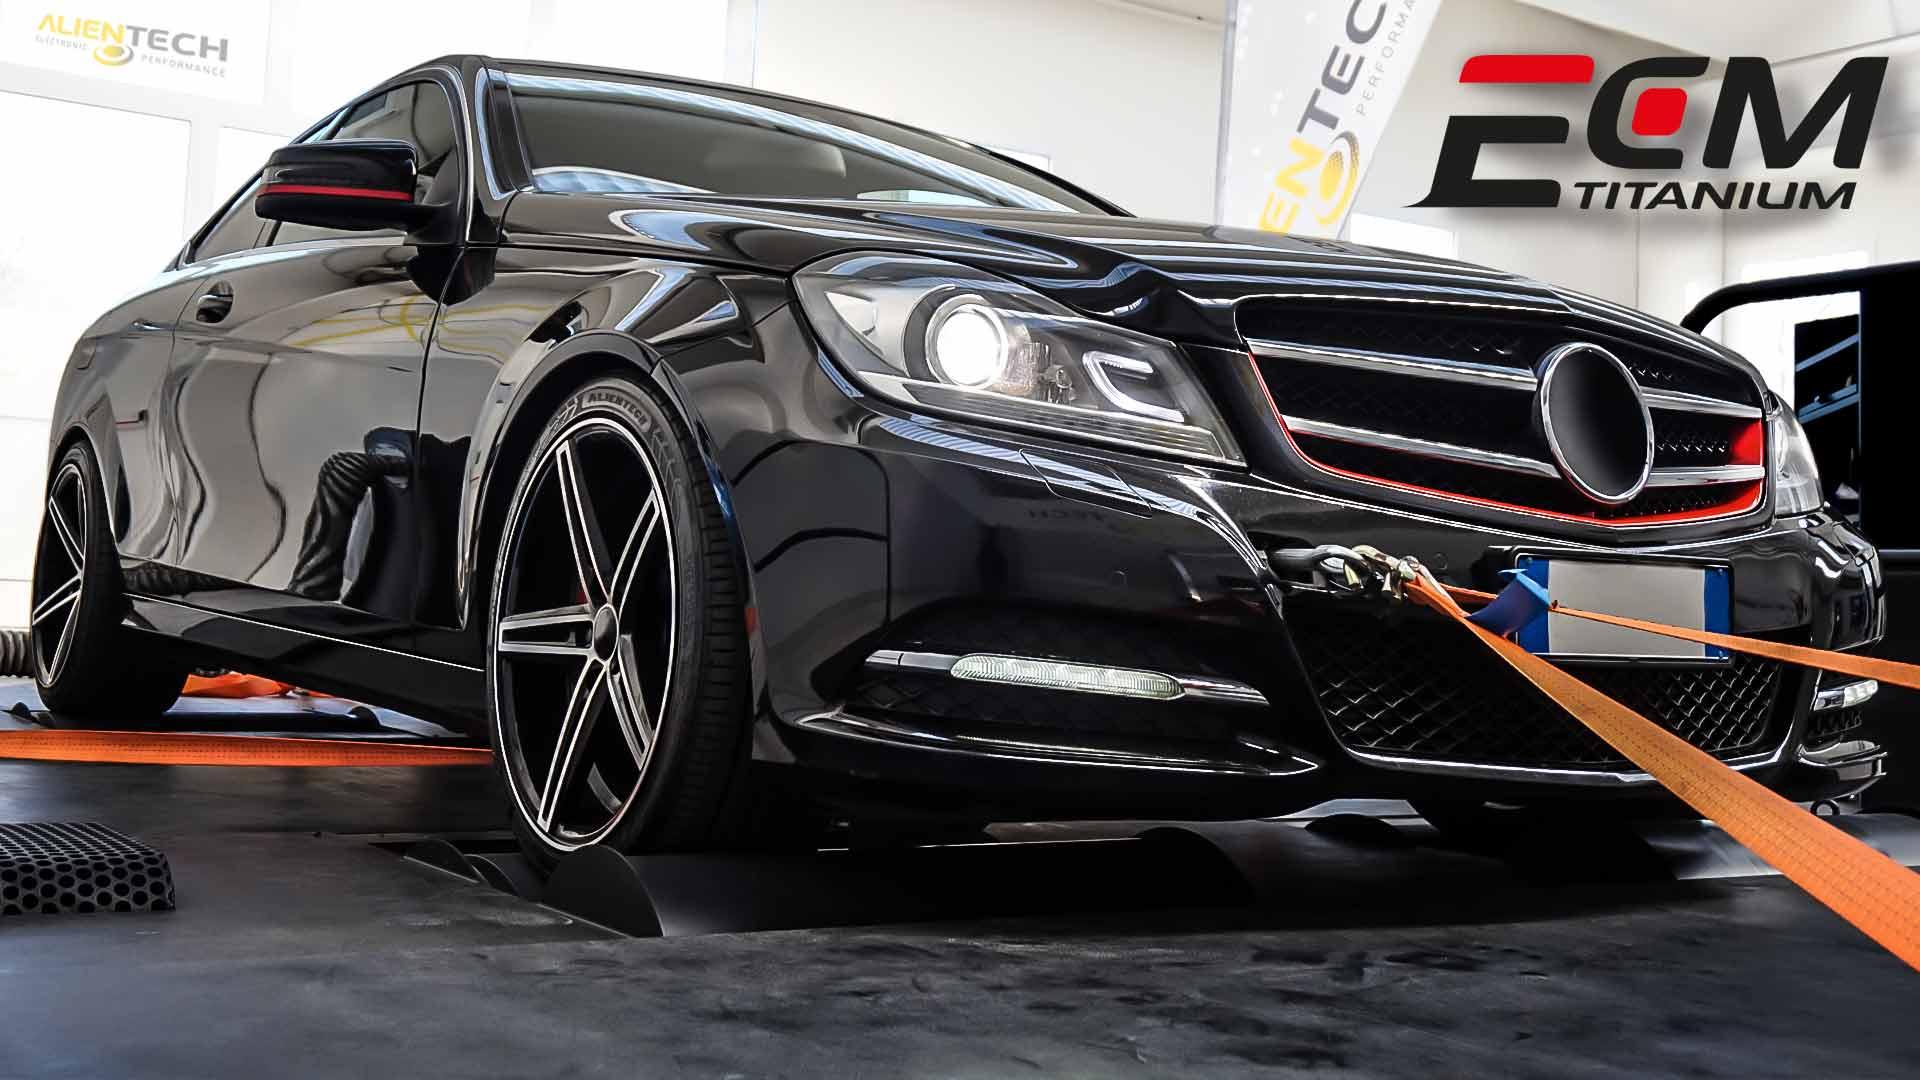 Mercedes-Benz C-Class (W204) 220CDI 170PS - Alientech News